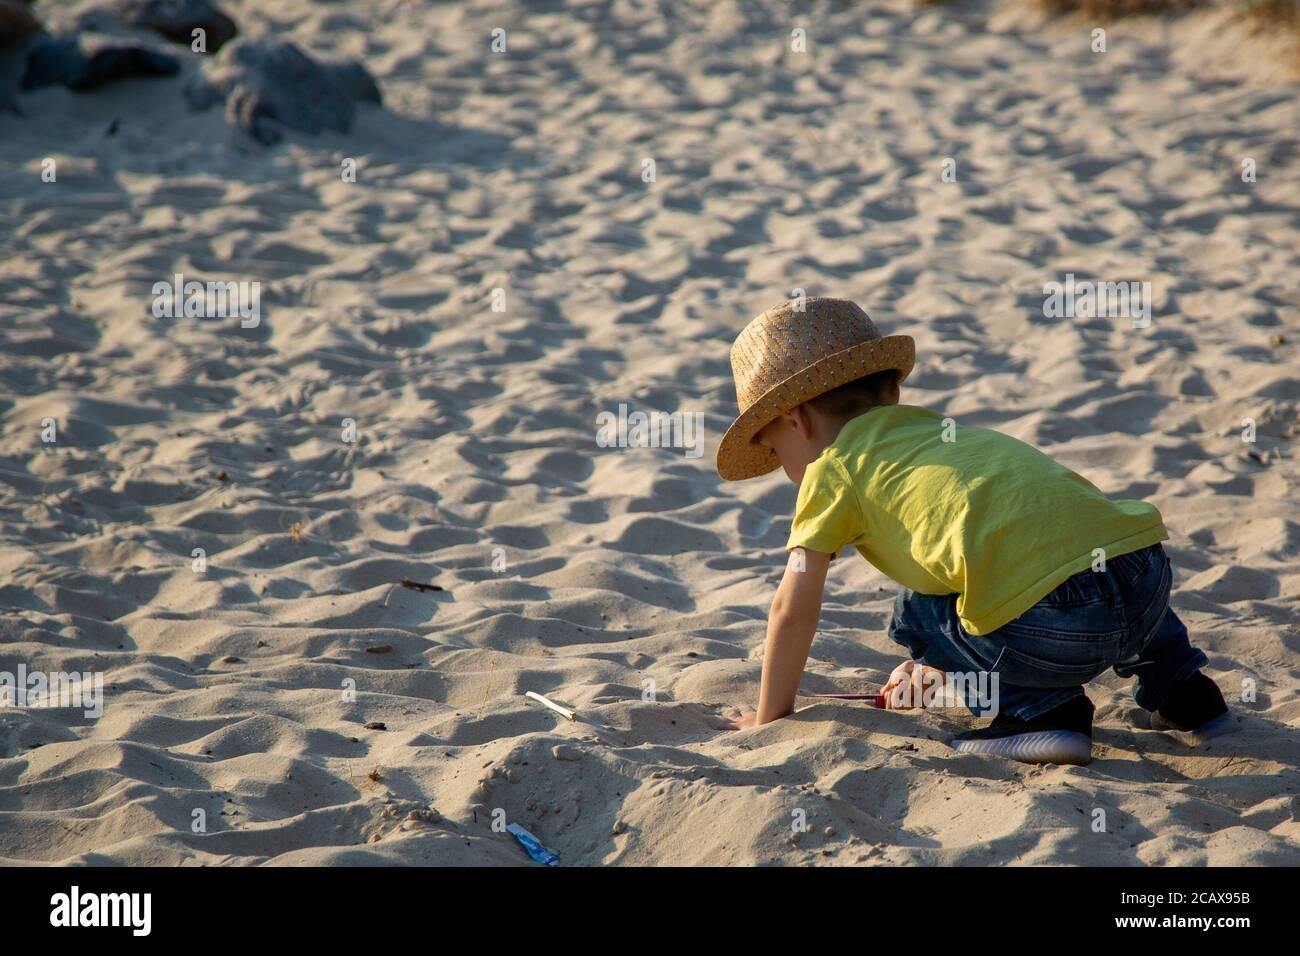 Un petit garçon jouant dans un bac à sable dans un parc en été Banque D'Images